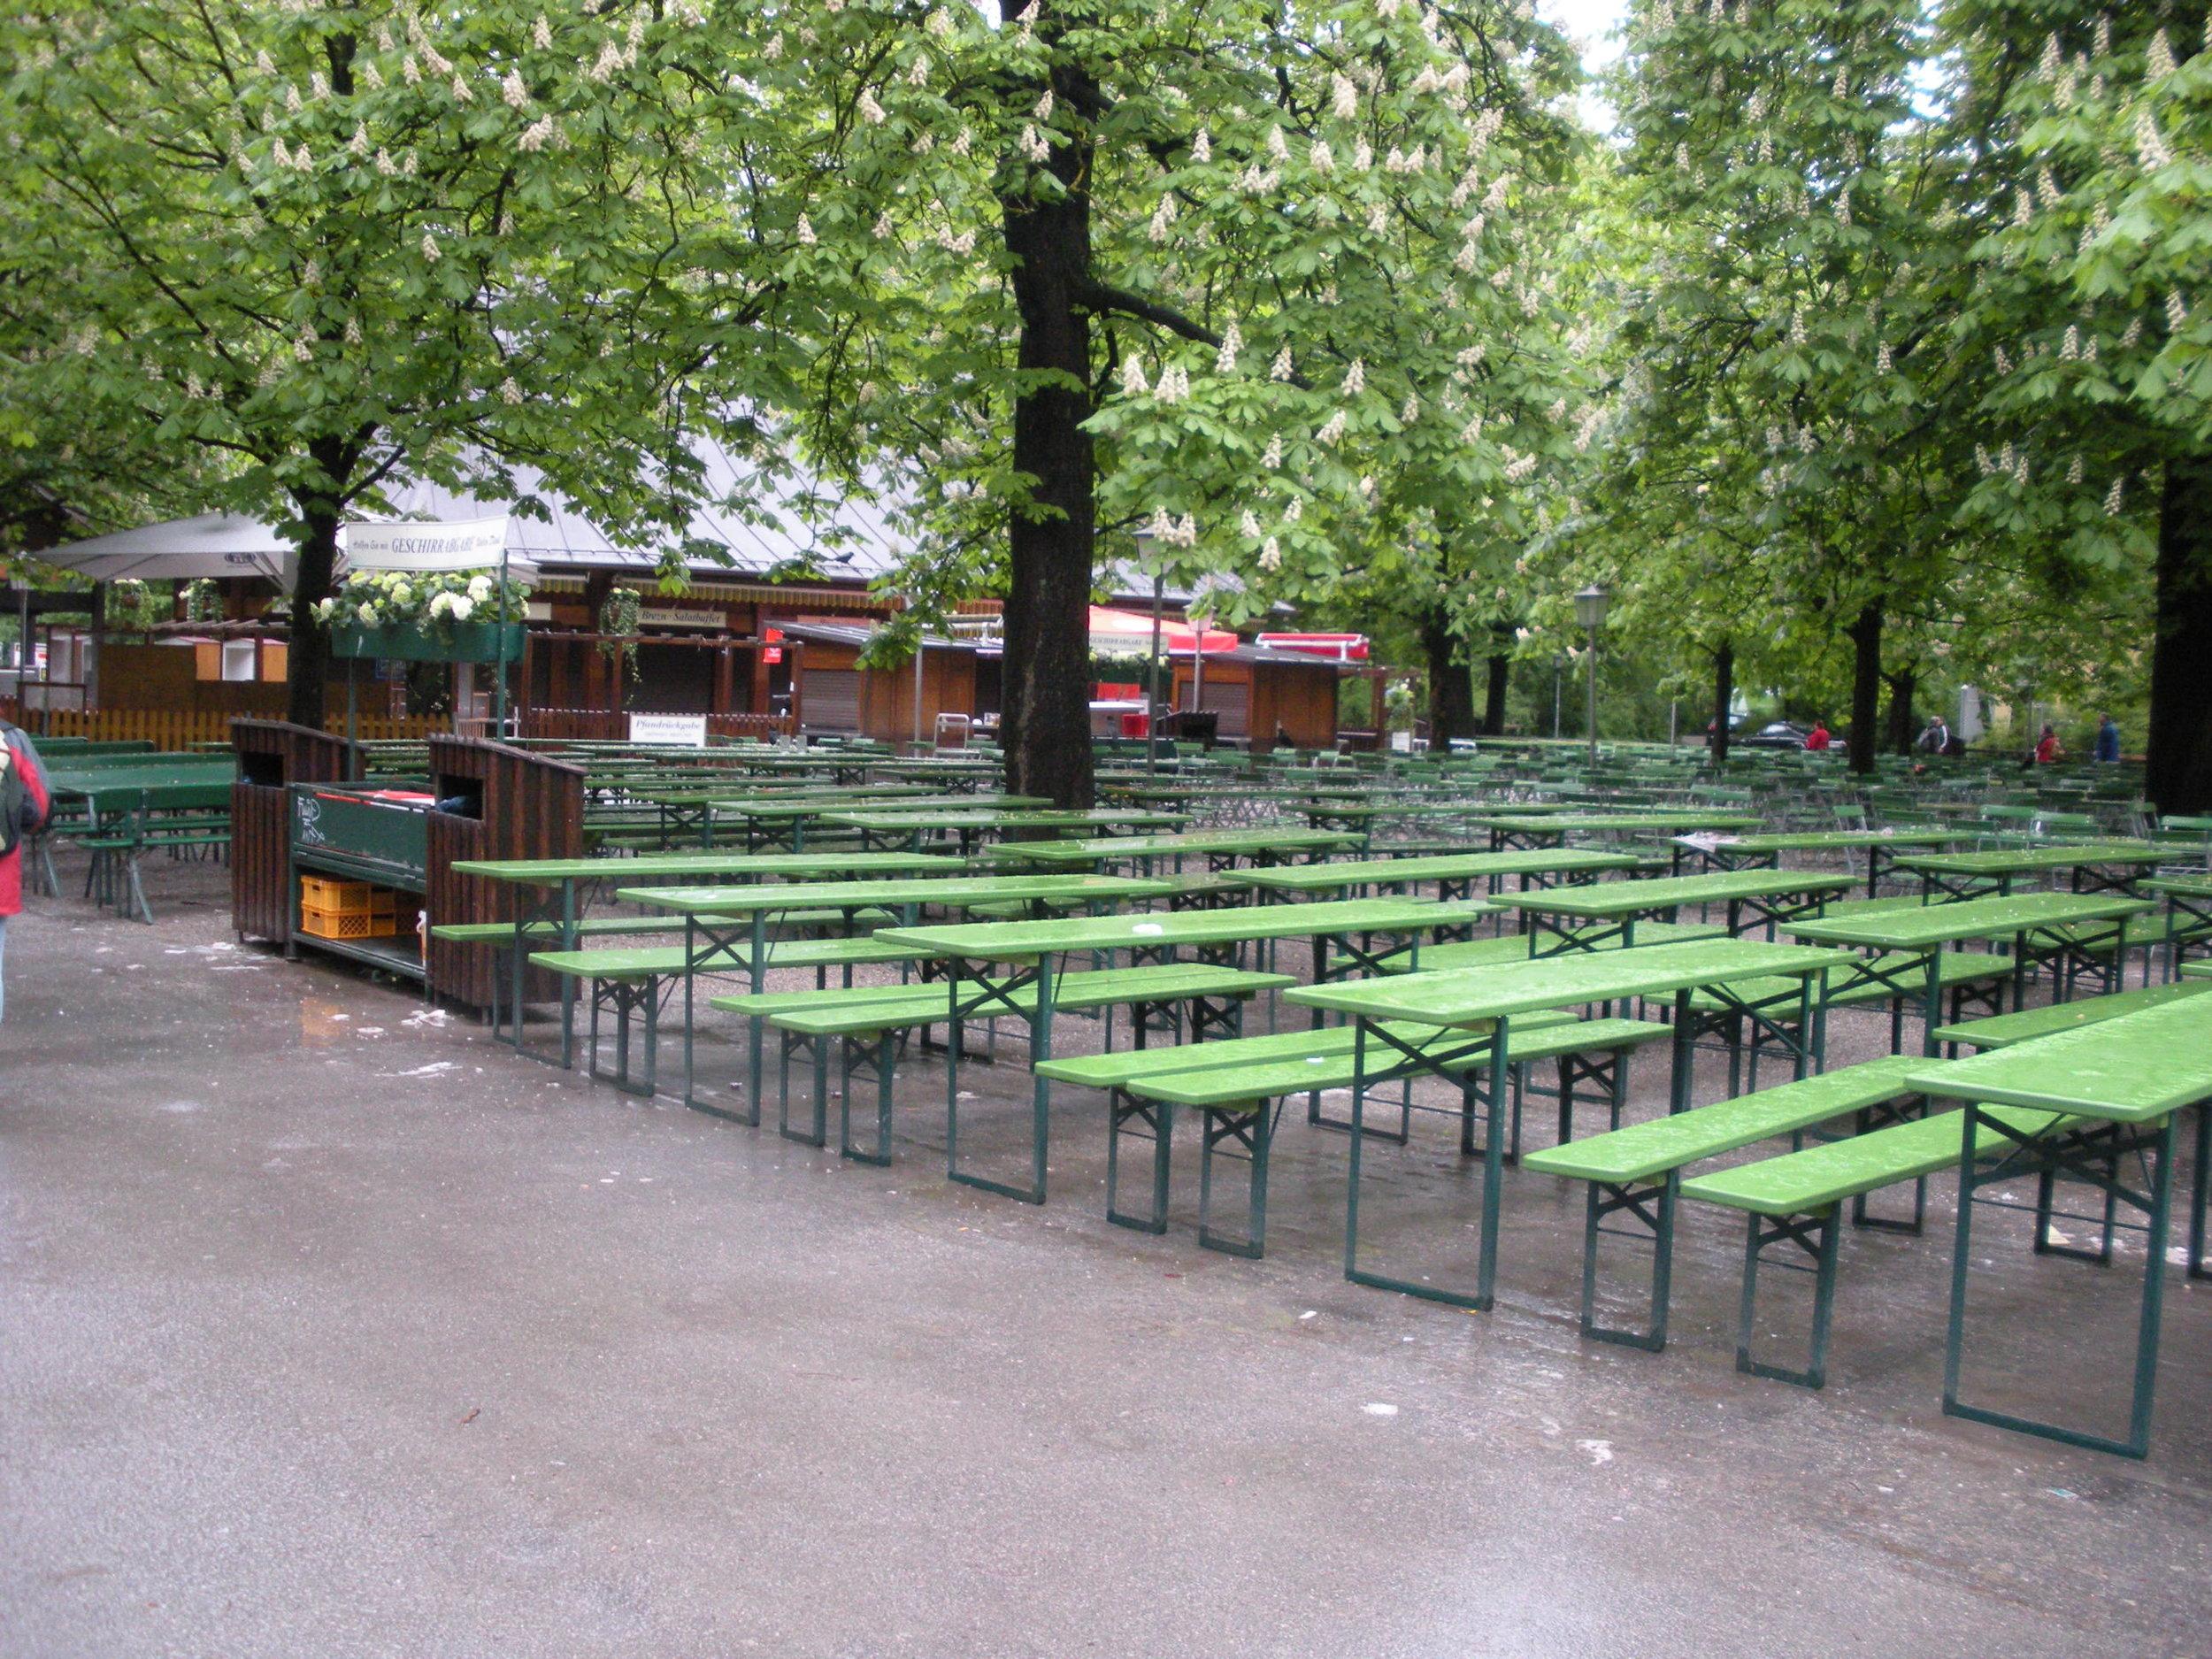 An outdoor biergarten in Munich in the springtime.